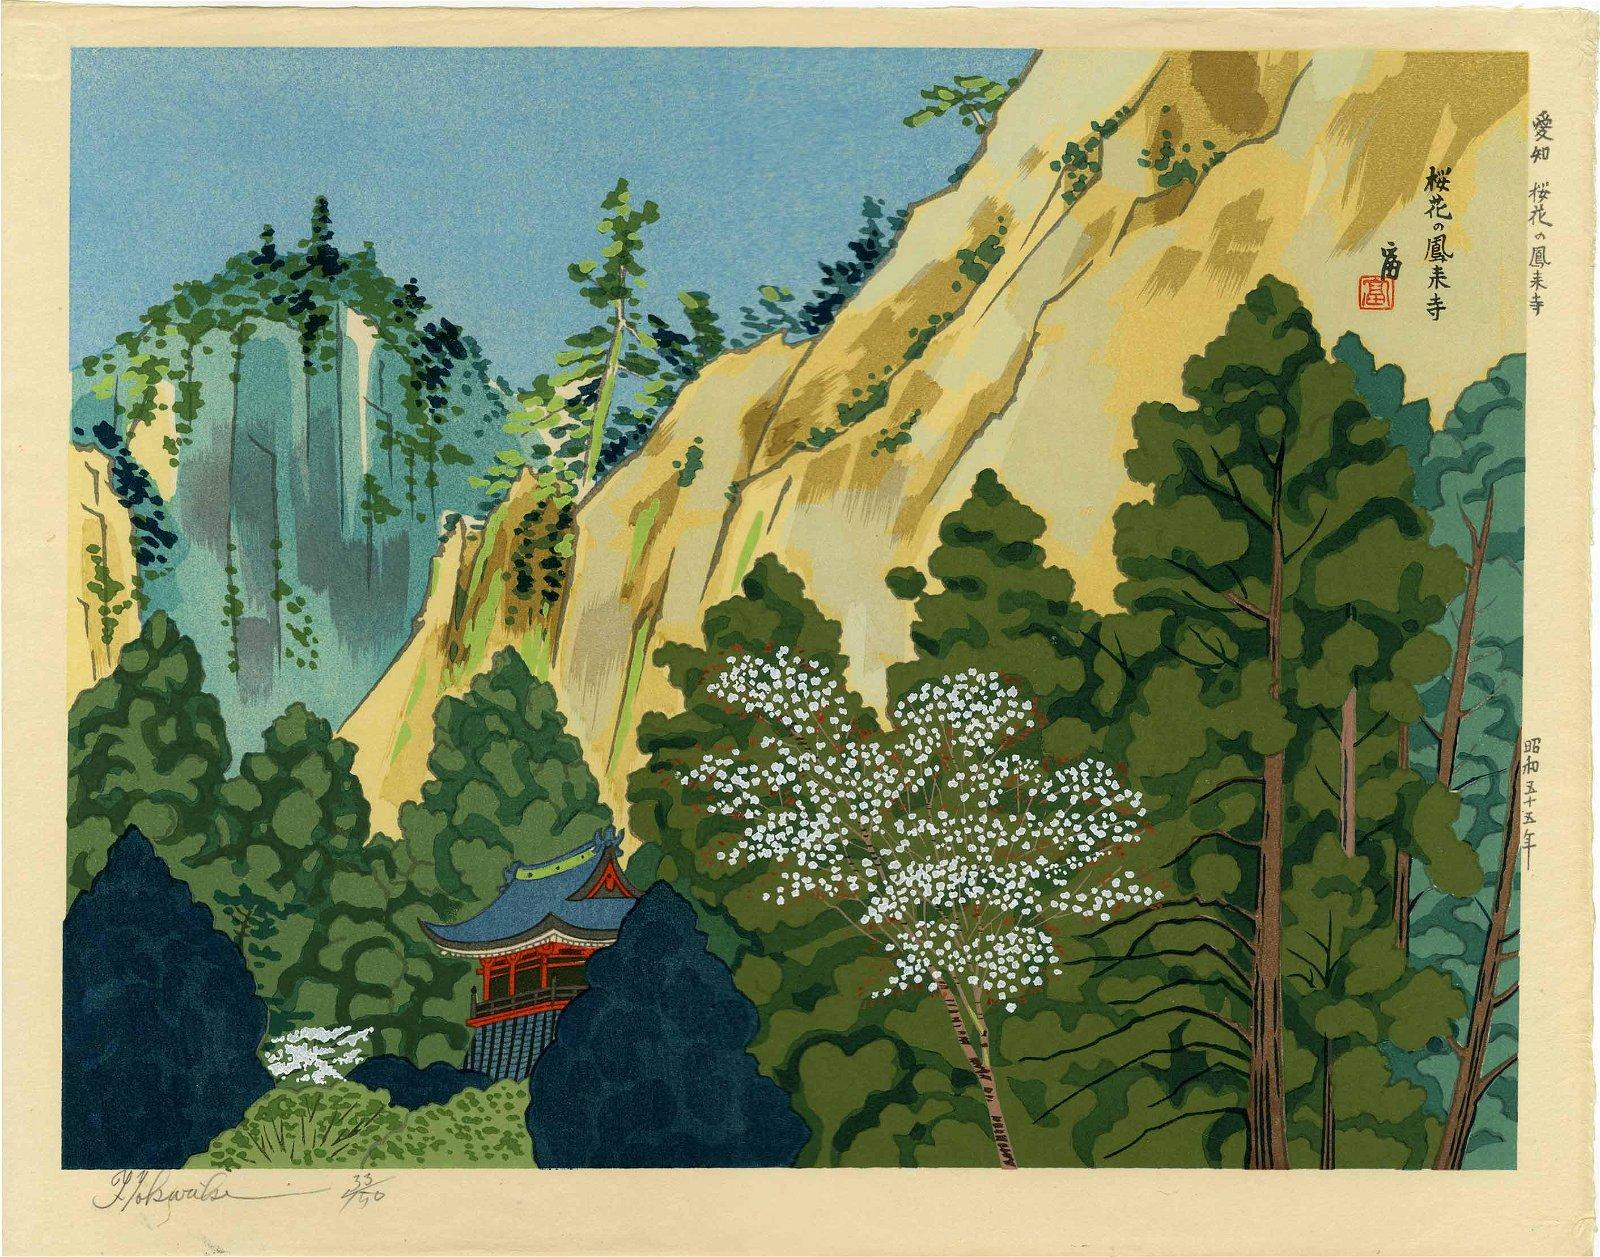 Tokuriki Tomikichiro: Mountain Shrine 1st Ed. Woodblock